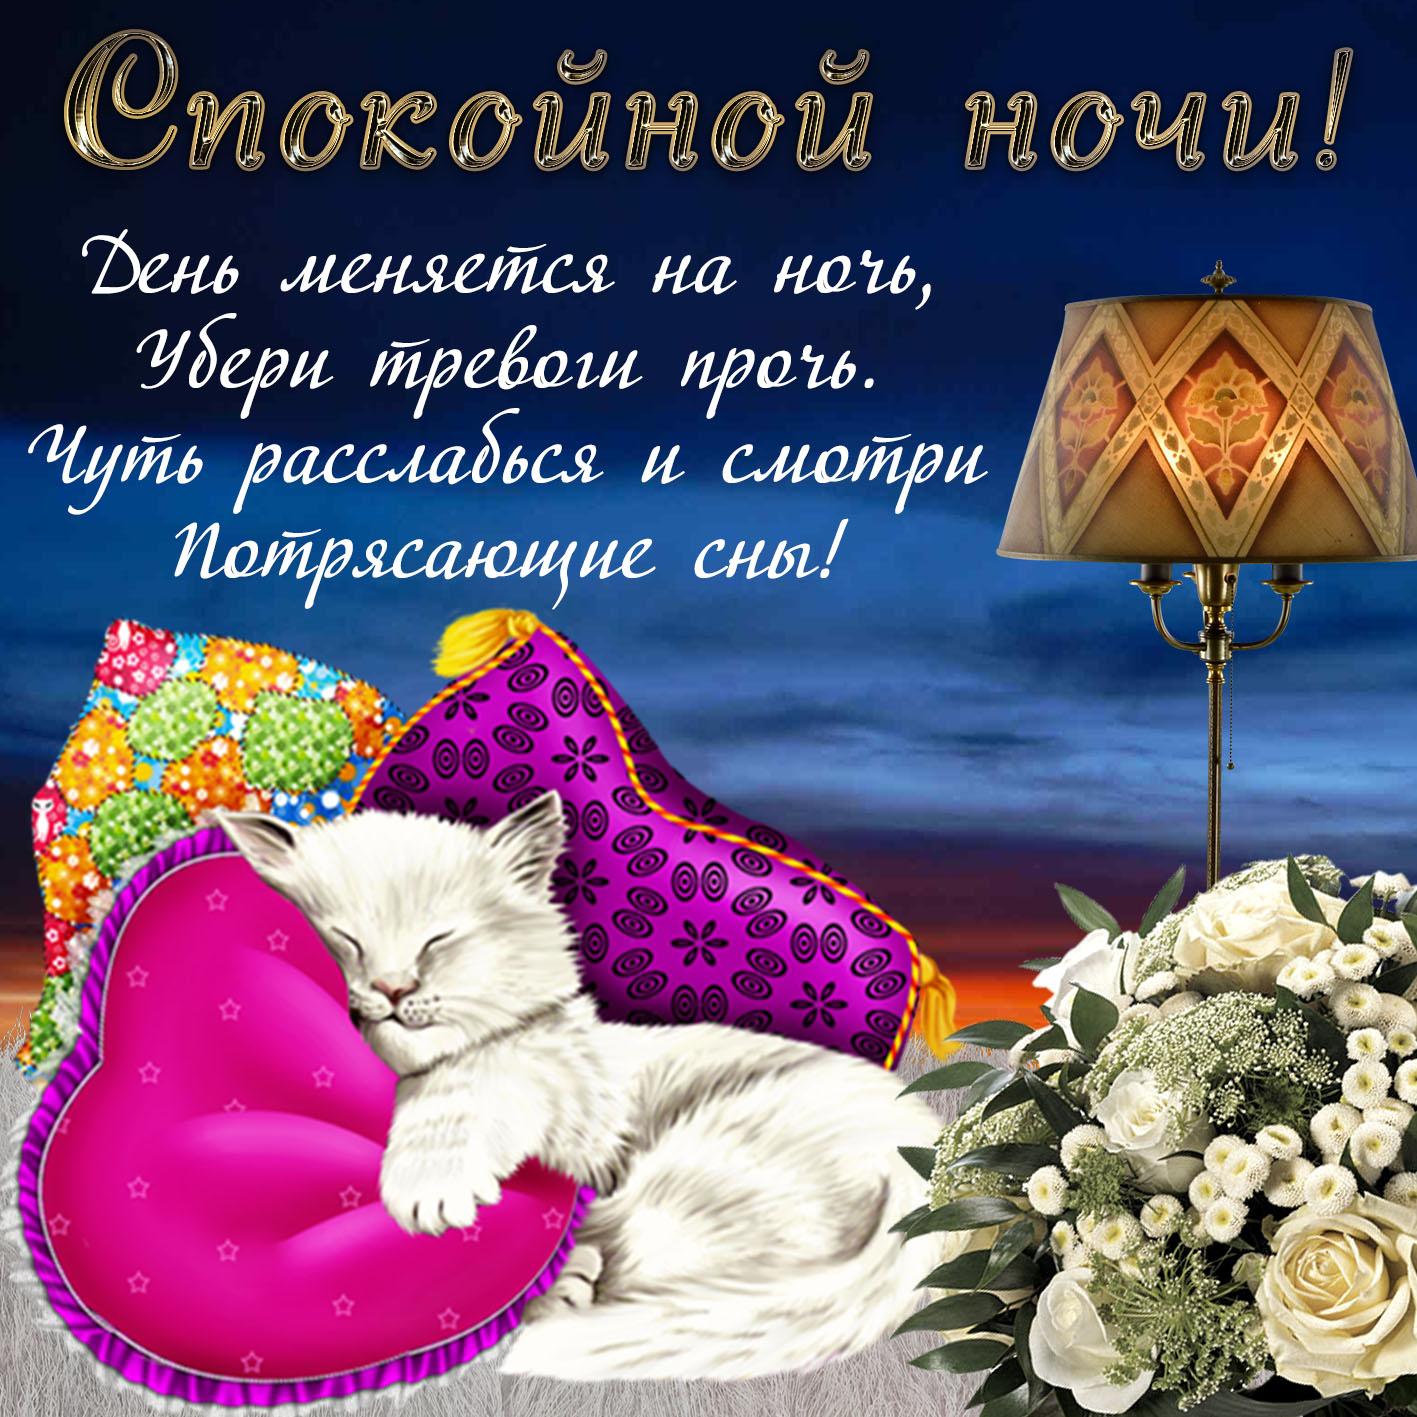 пожелания хороших снов в картинках тишина наруто